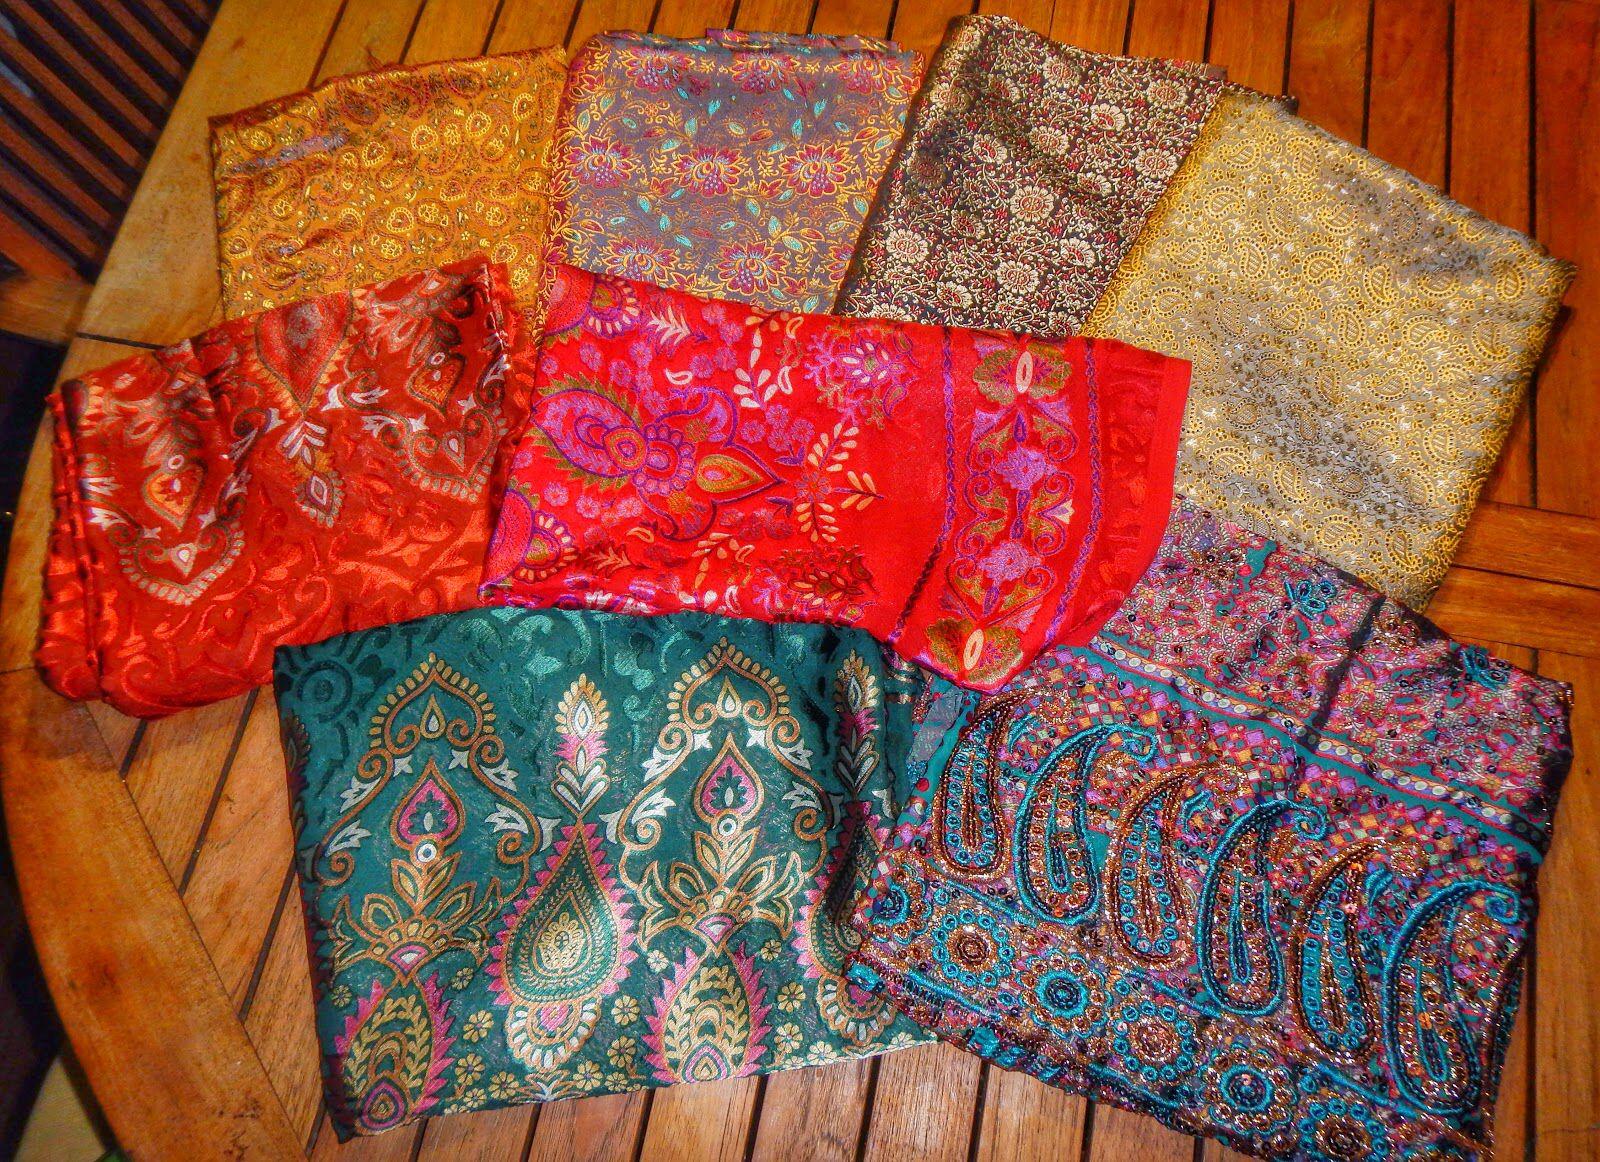 stoffe indiane, seta e chiffon, trovate in vacanza...che colori!